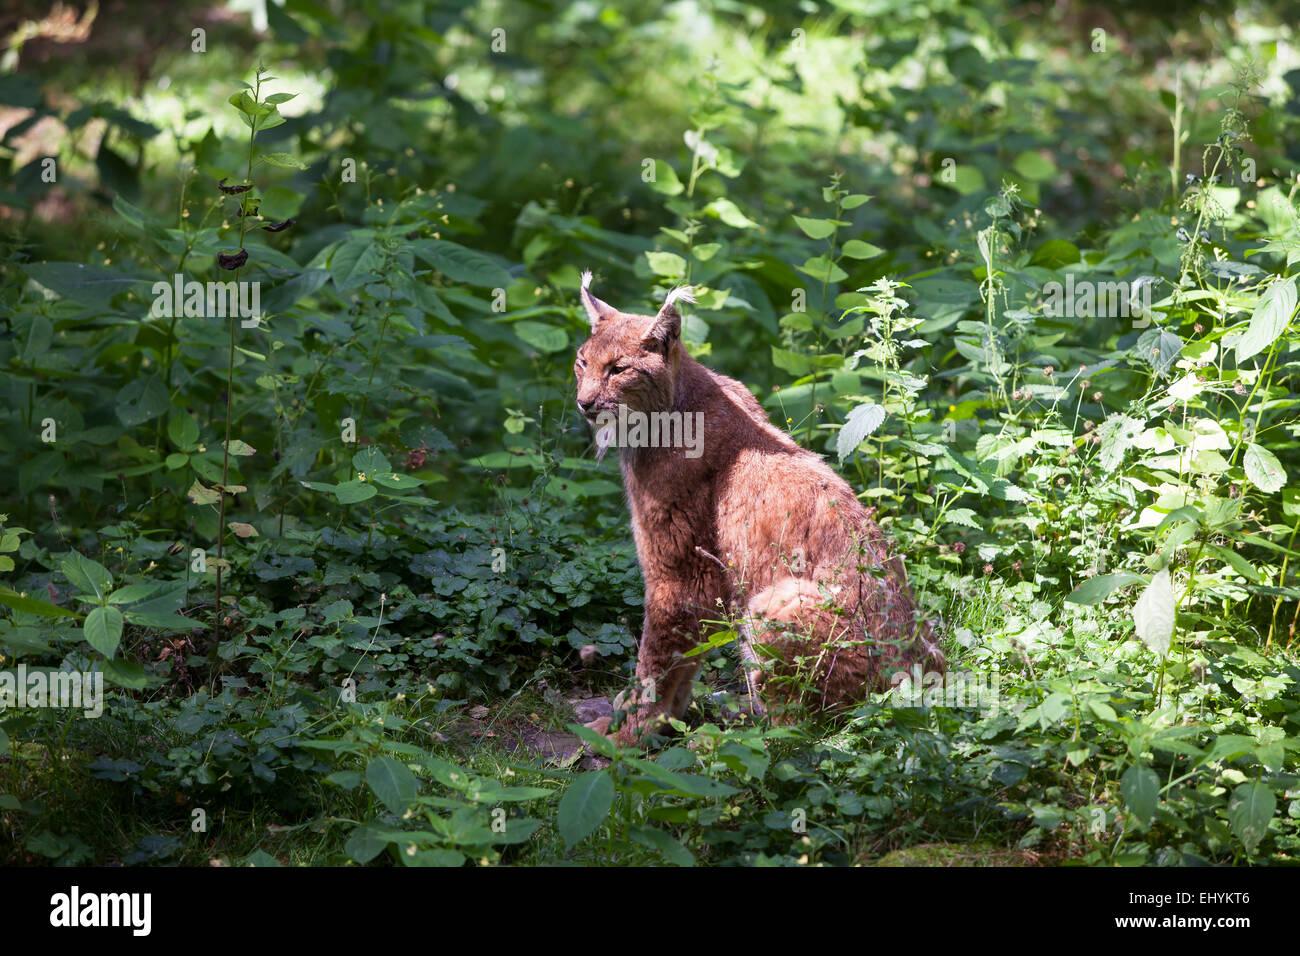 L'Europe, faune, Feloidea, félins, les terres de vertébrés, lynx, lynx, Lynx lynx, Mammalia, Photo Stock